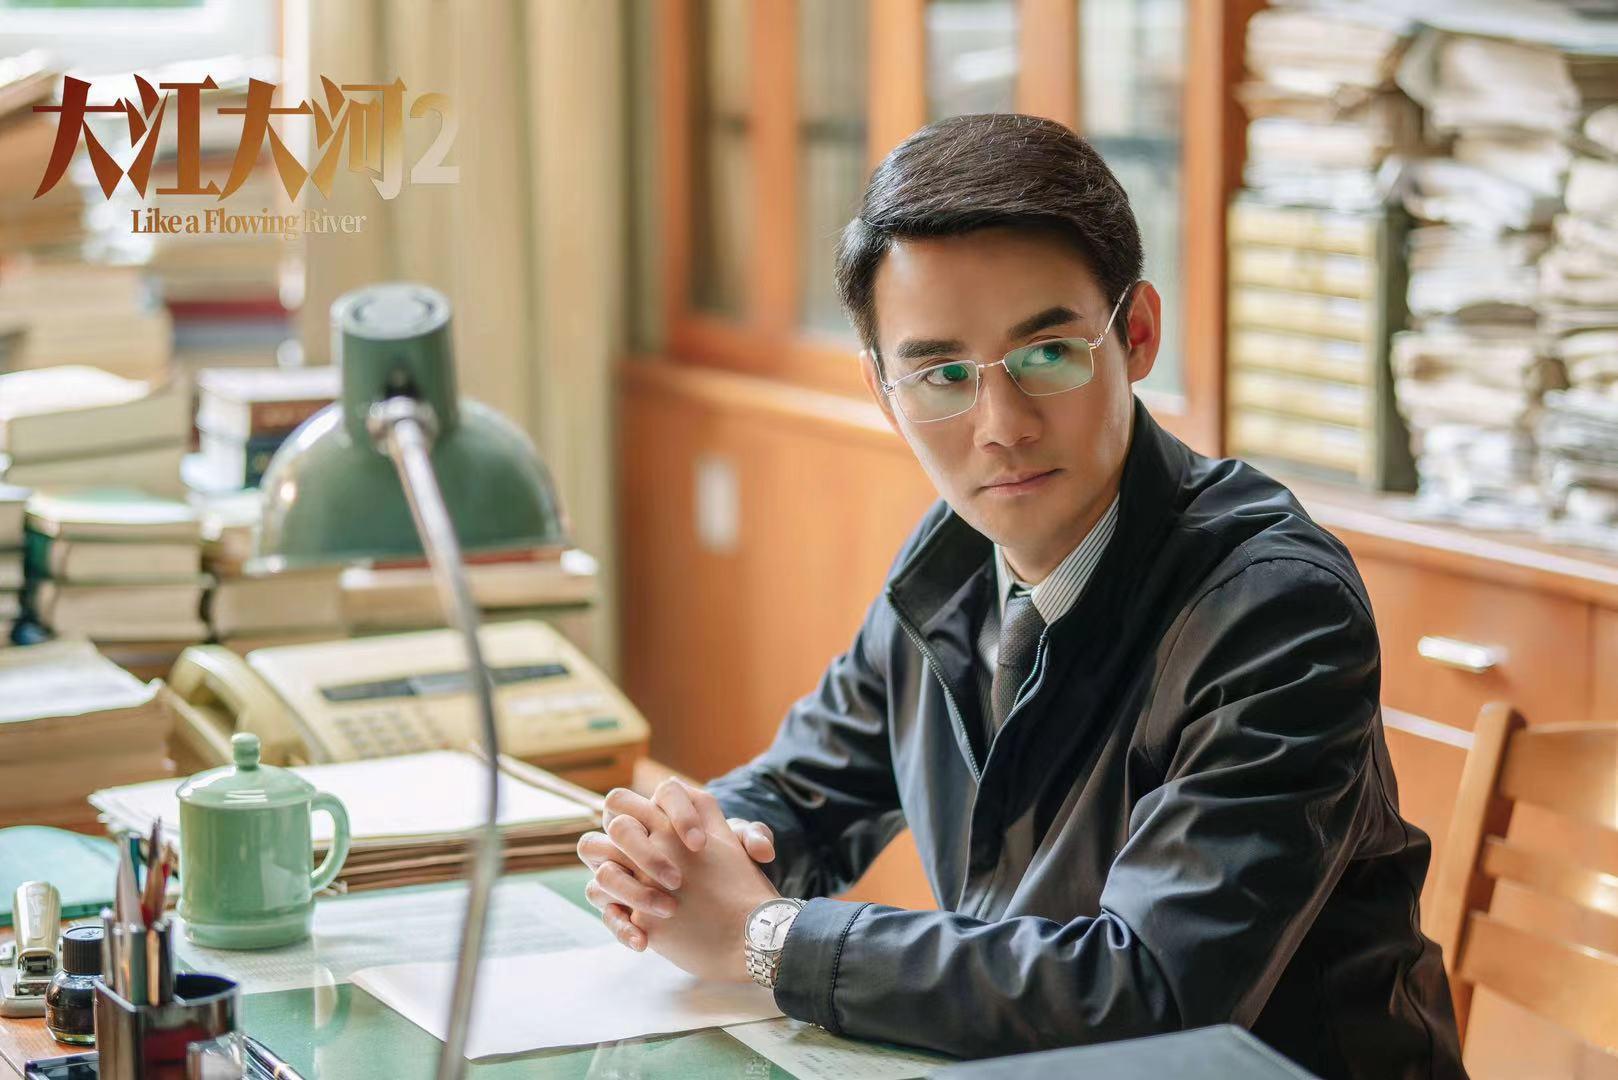 王凯《大江大河2》热播 宋运辉即将开启新时代之旅